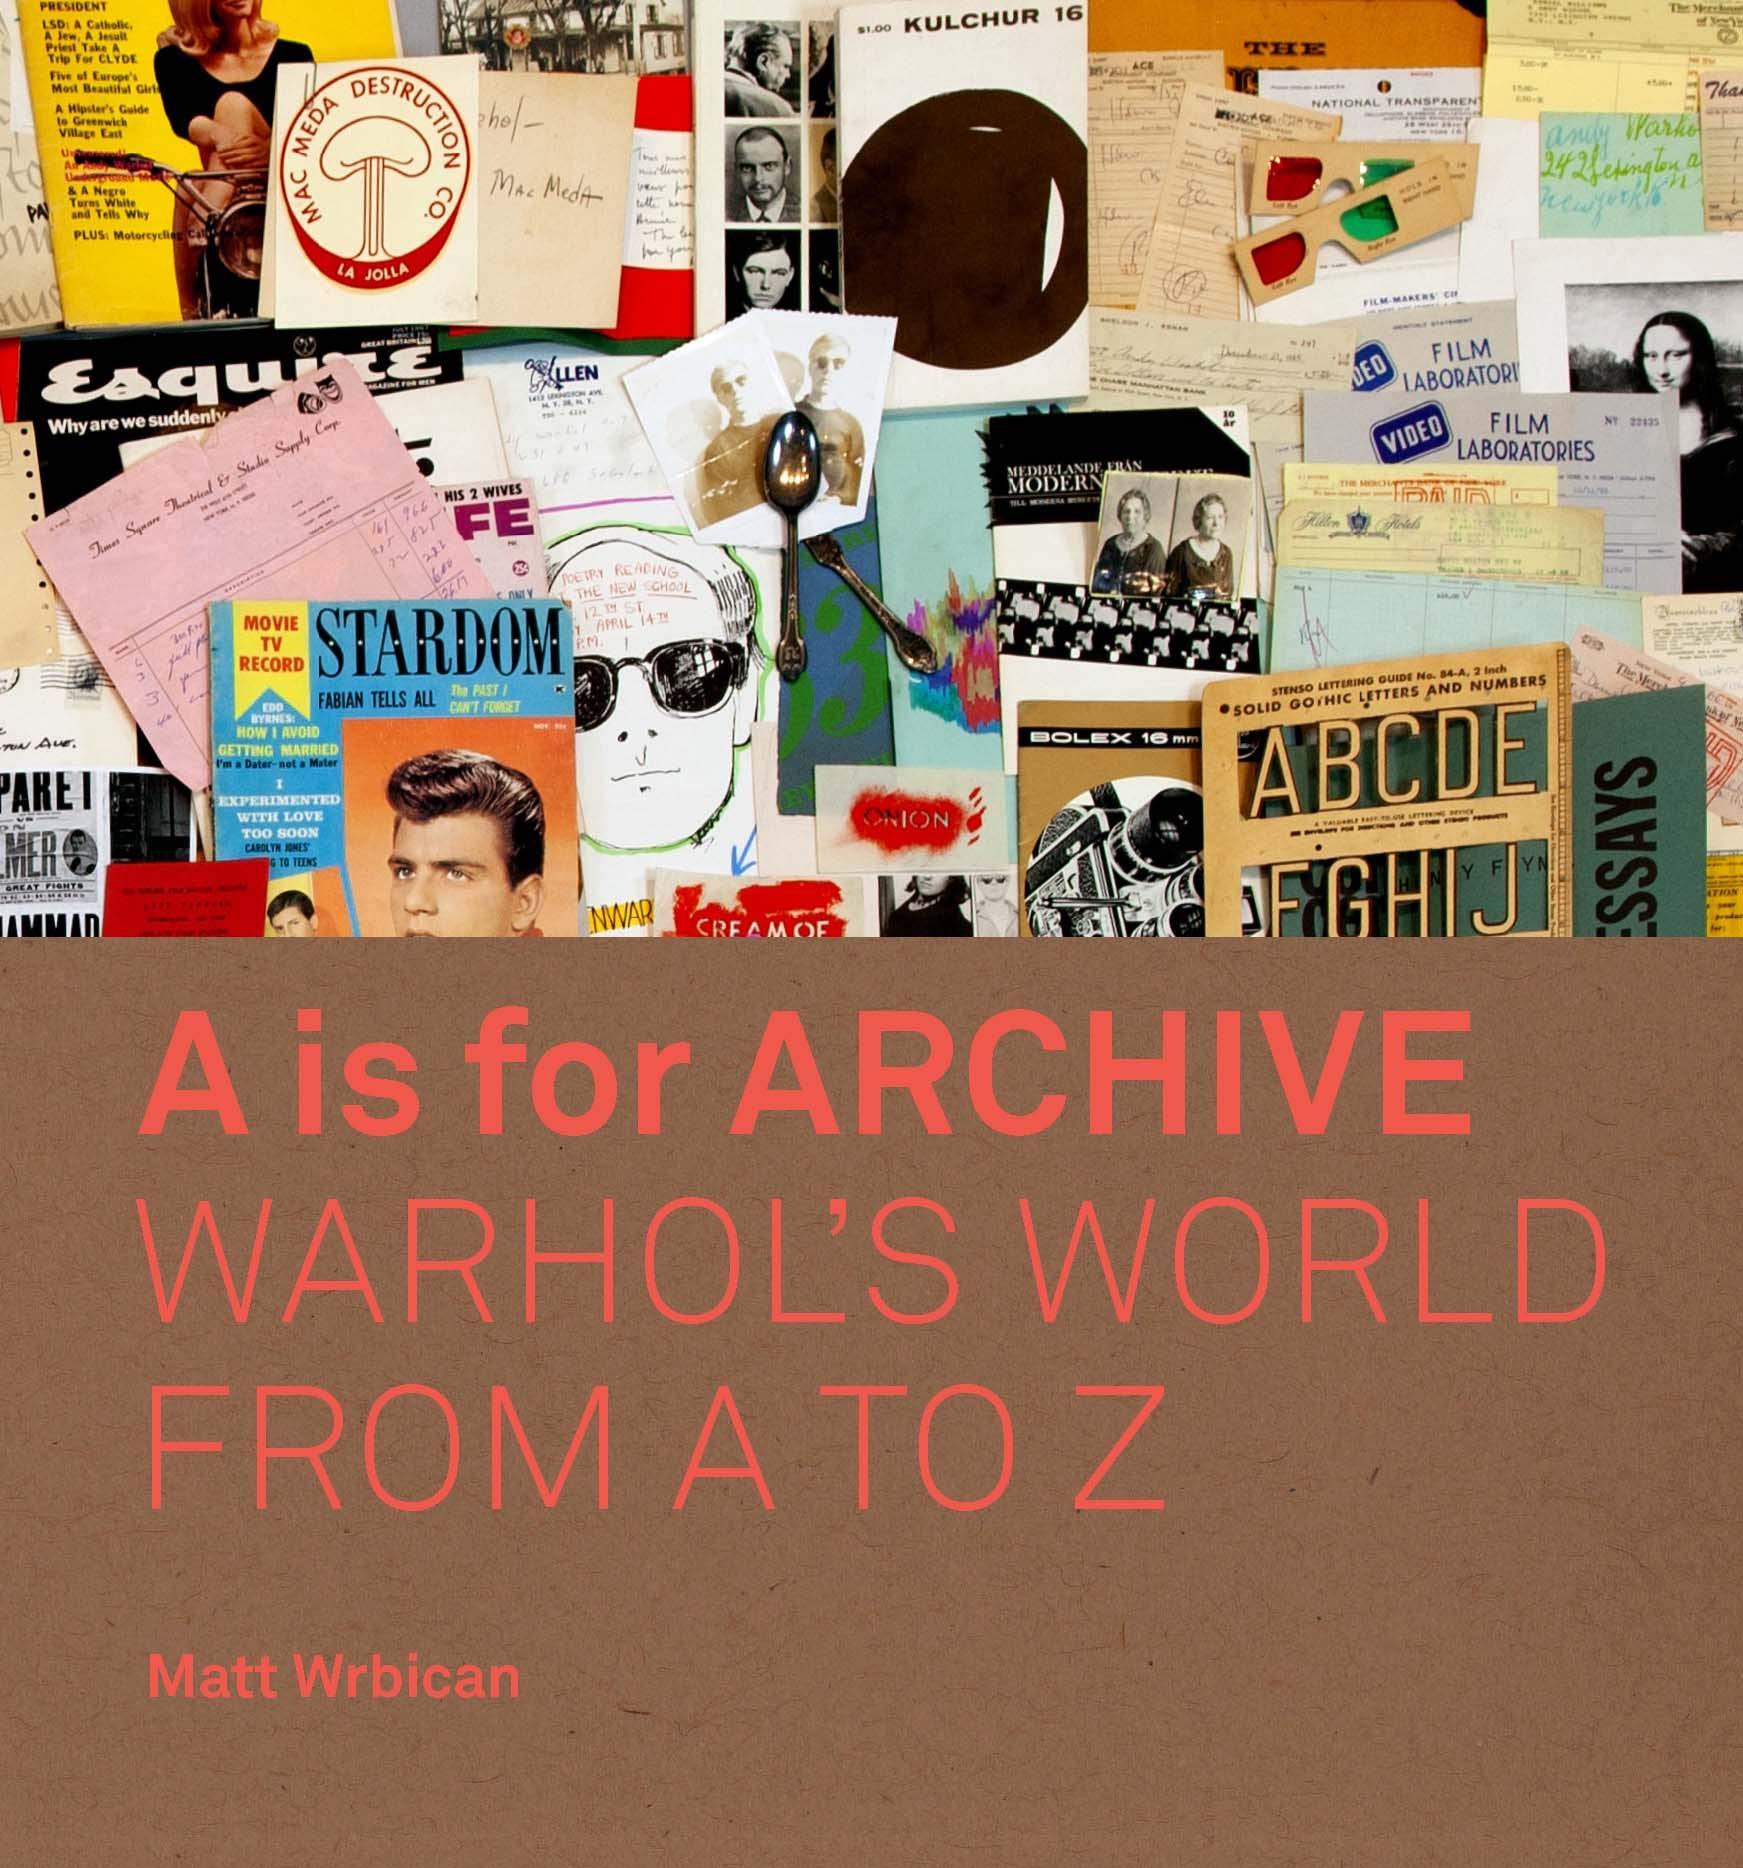 Il libro A is for Archive, sull'archivio di Andy Warhol, è nella nostra selezione Best of del 2019 (courtesy: Yale University Press)